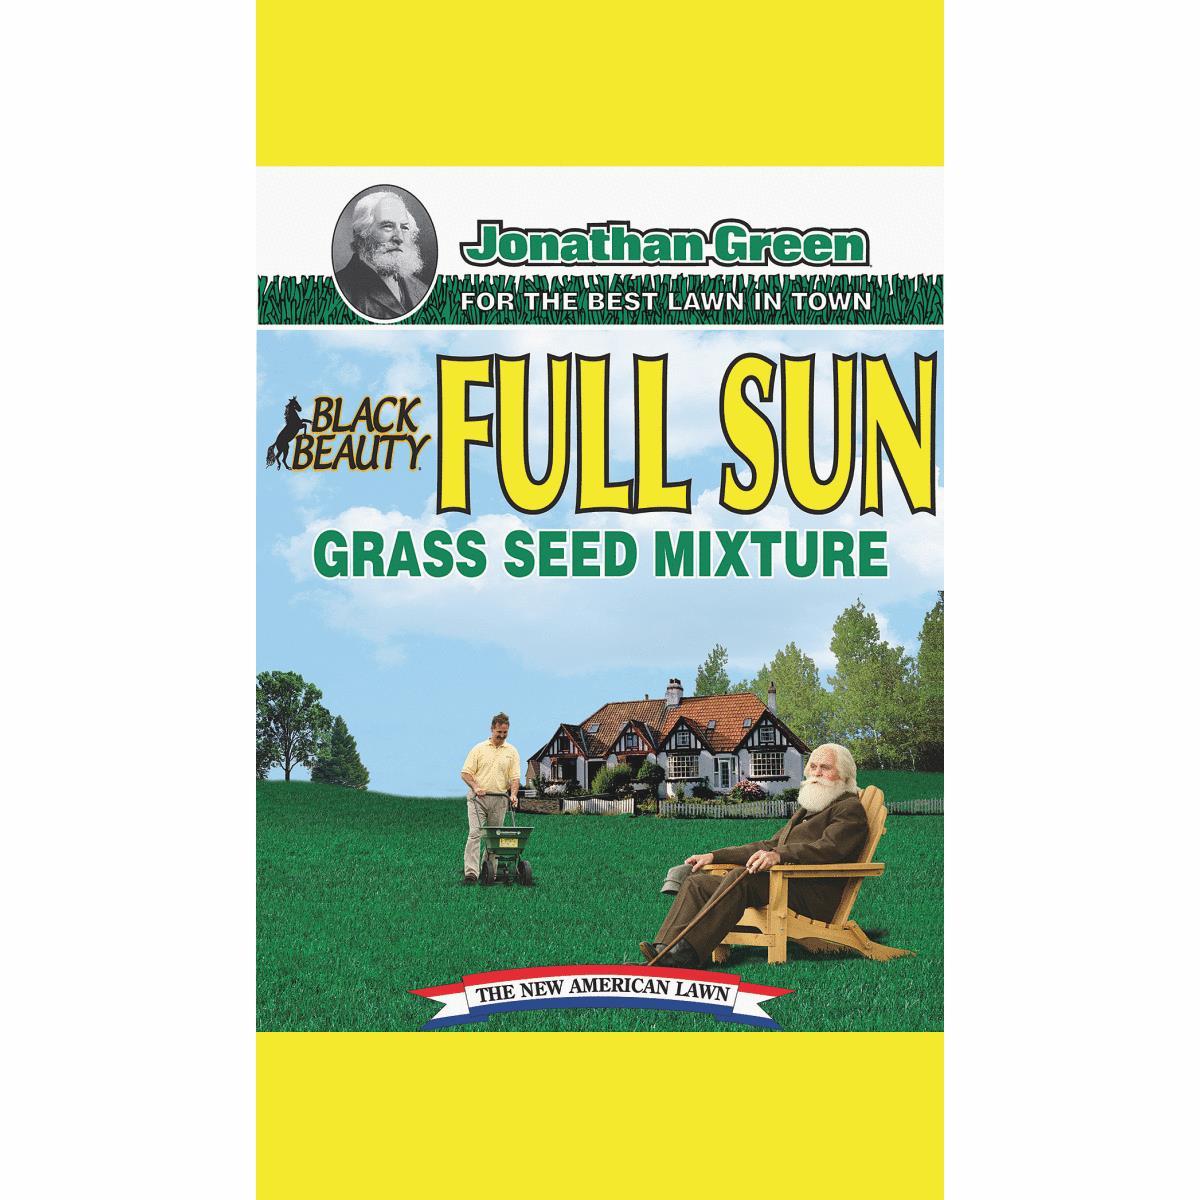 Jonathan Green Black Beauty Full Sun Grass Seed Mixture